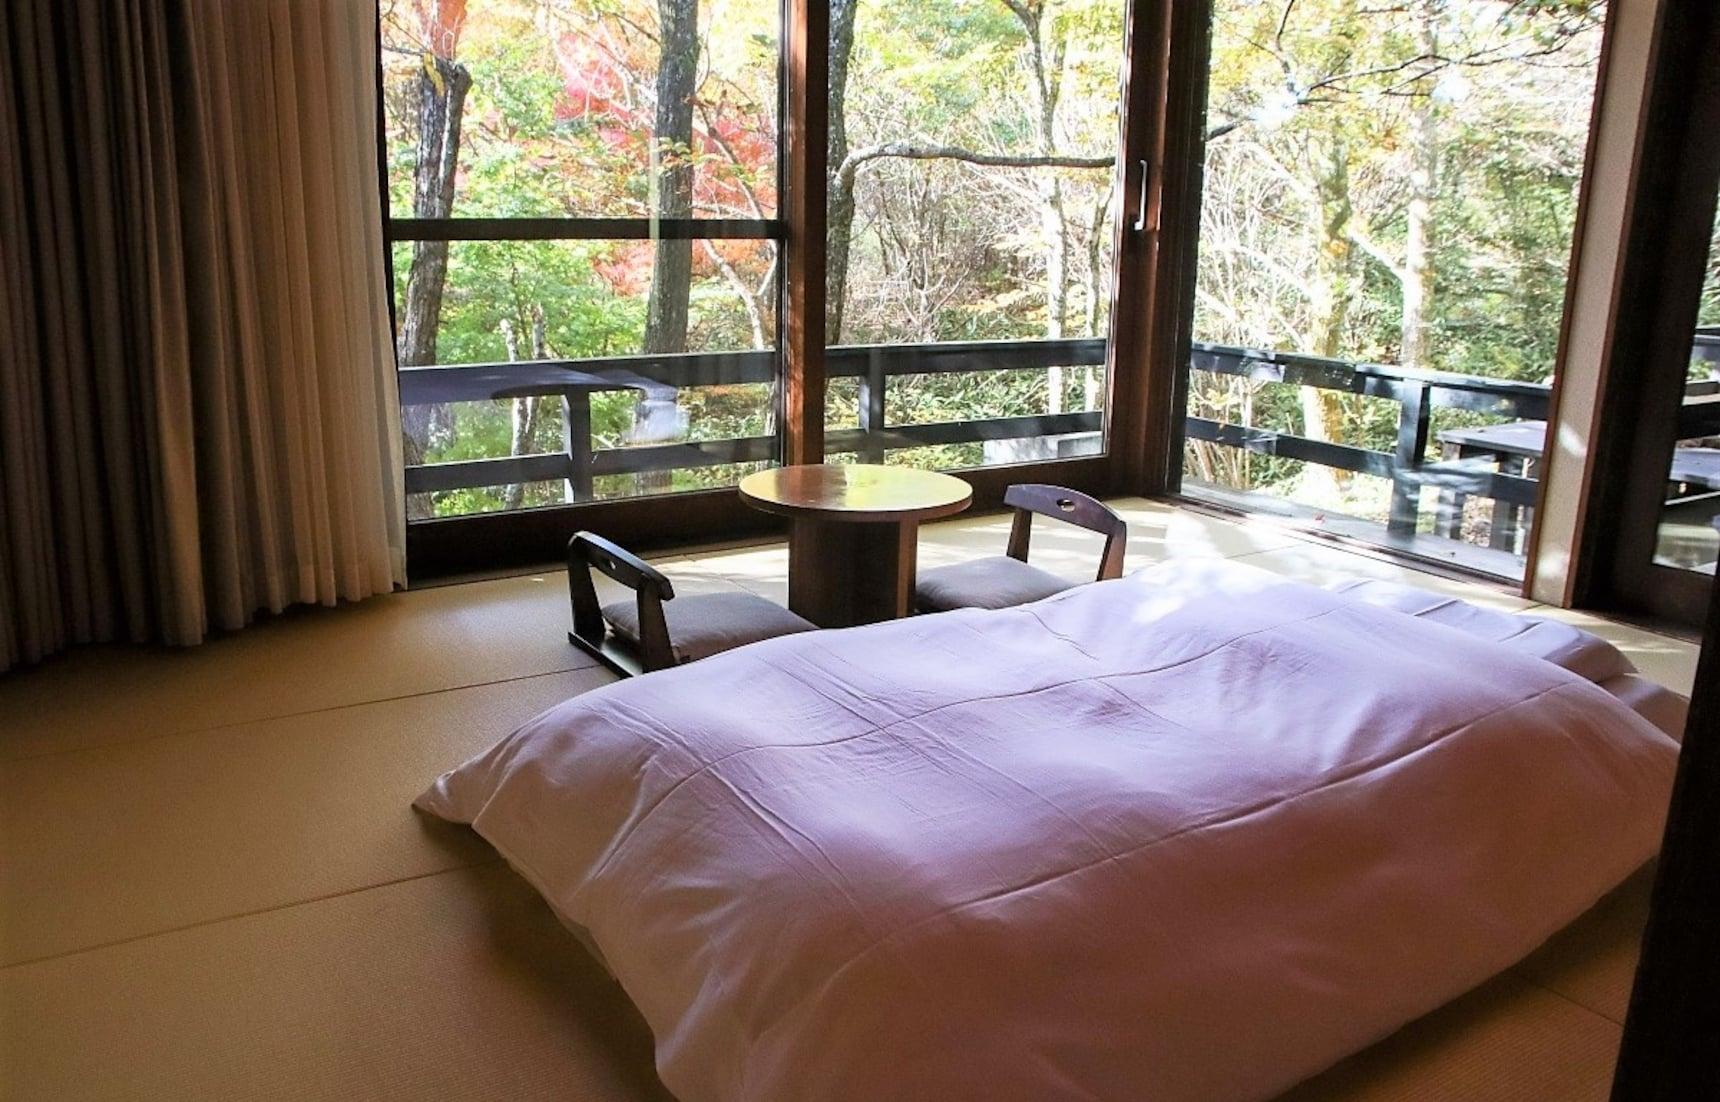 【星野集團住宿】被森林環抱的私家露天溫泉旅宿・界 阿蘇